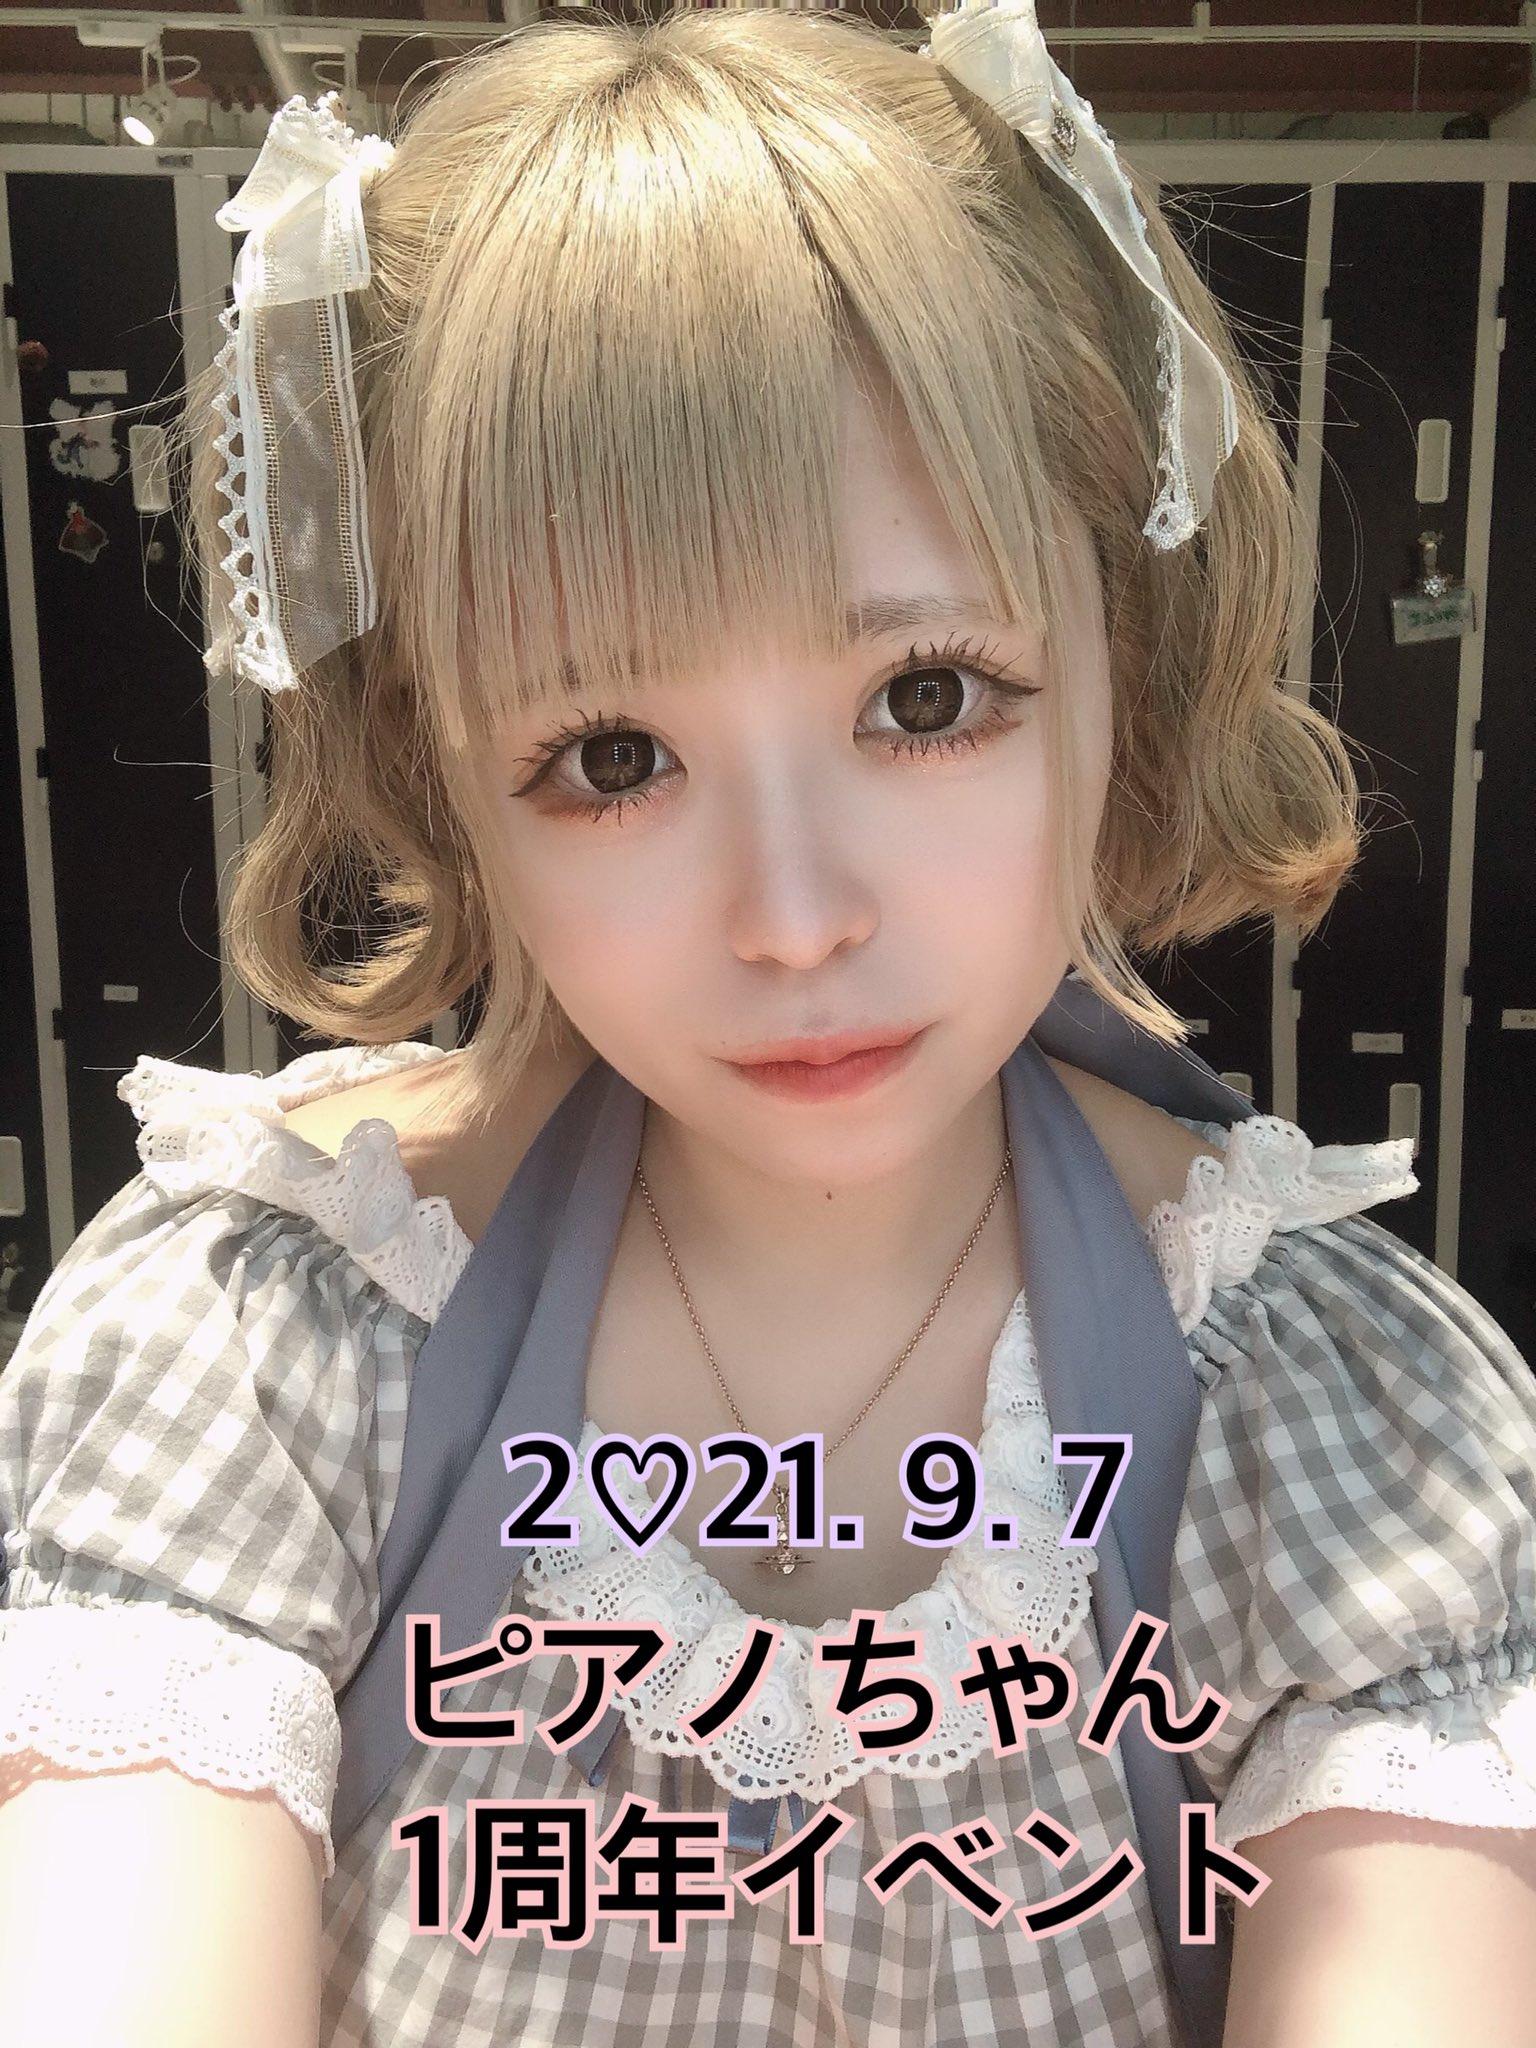 【9月7日】ピアノちゃん1周年イベント